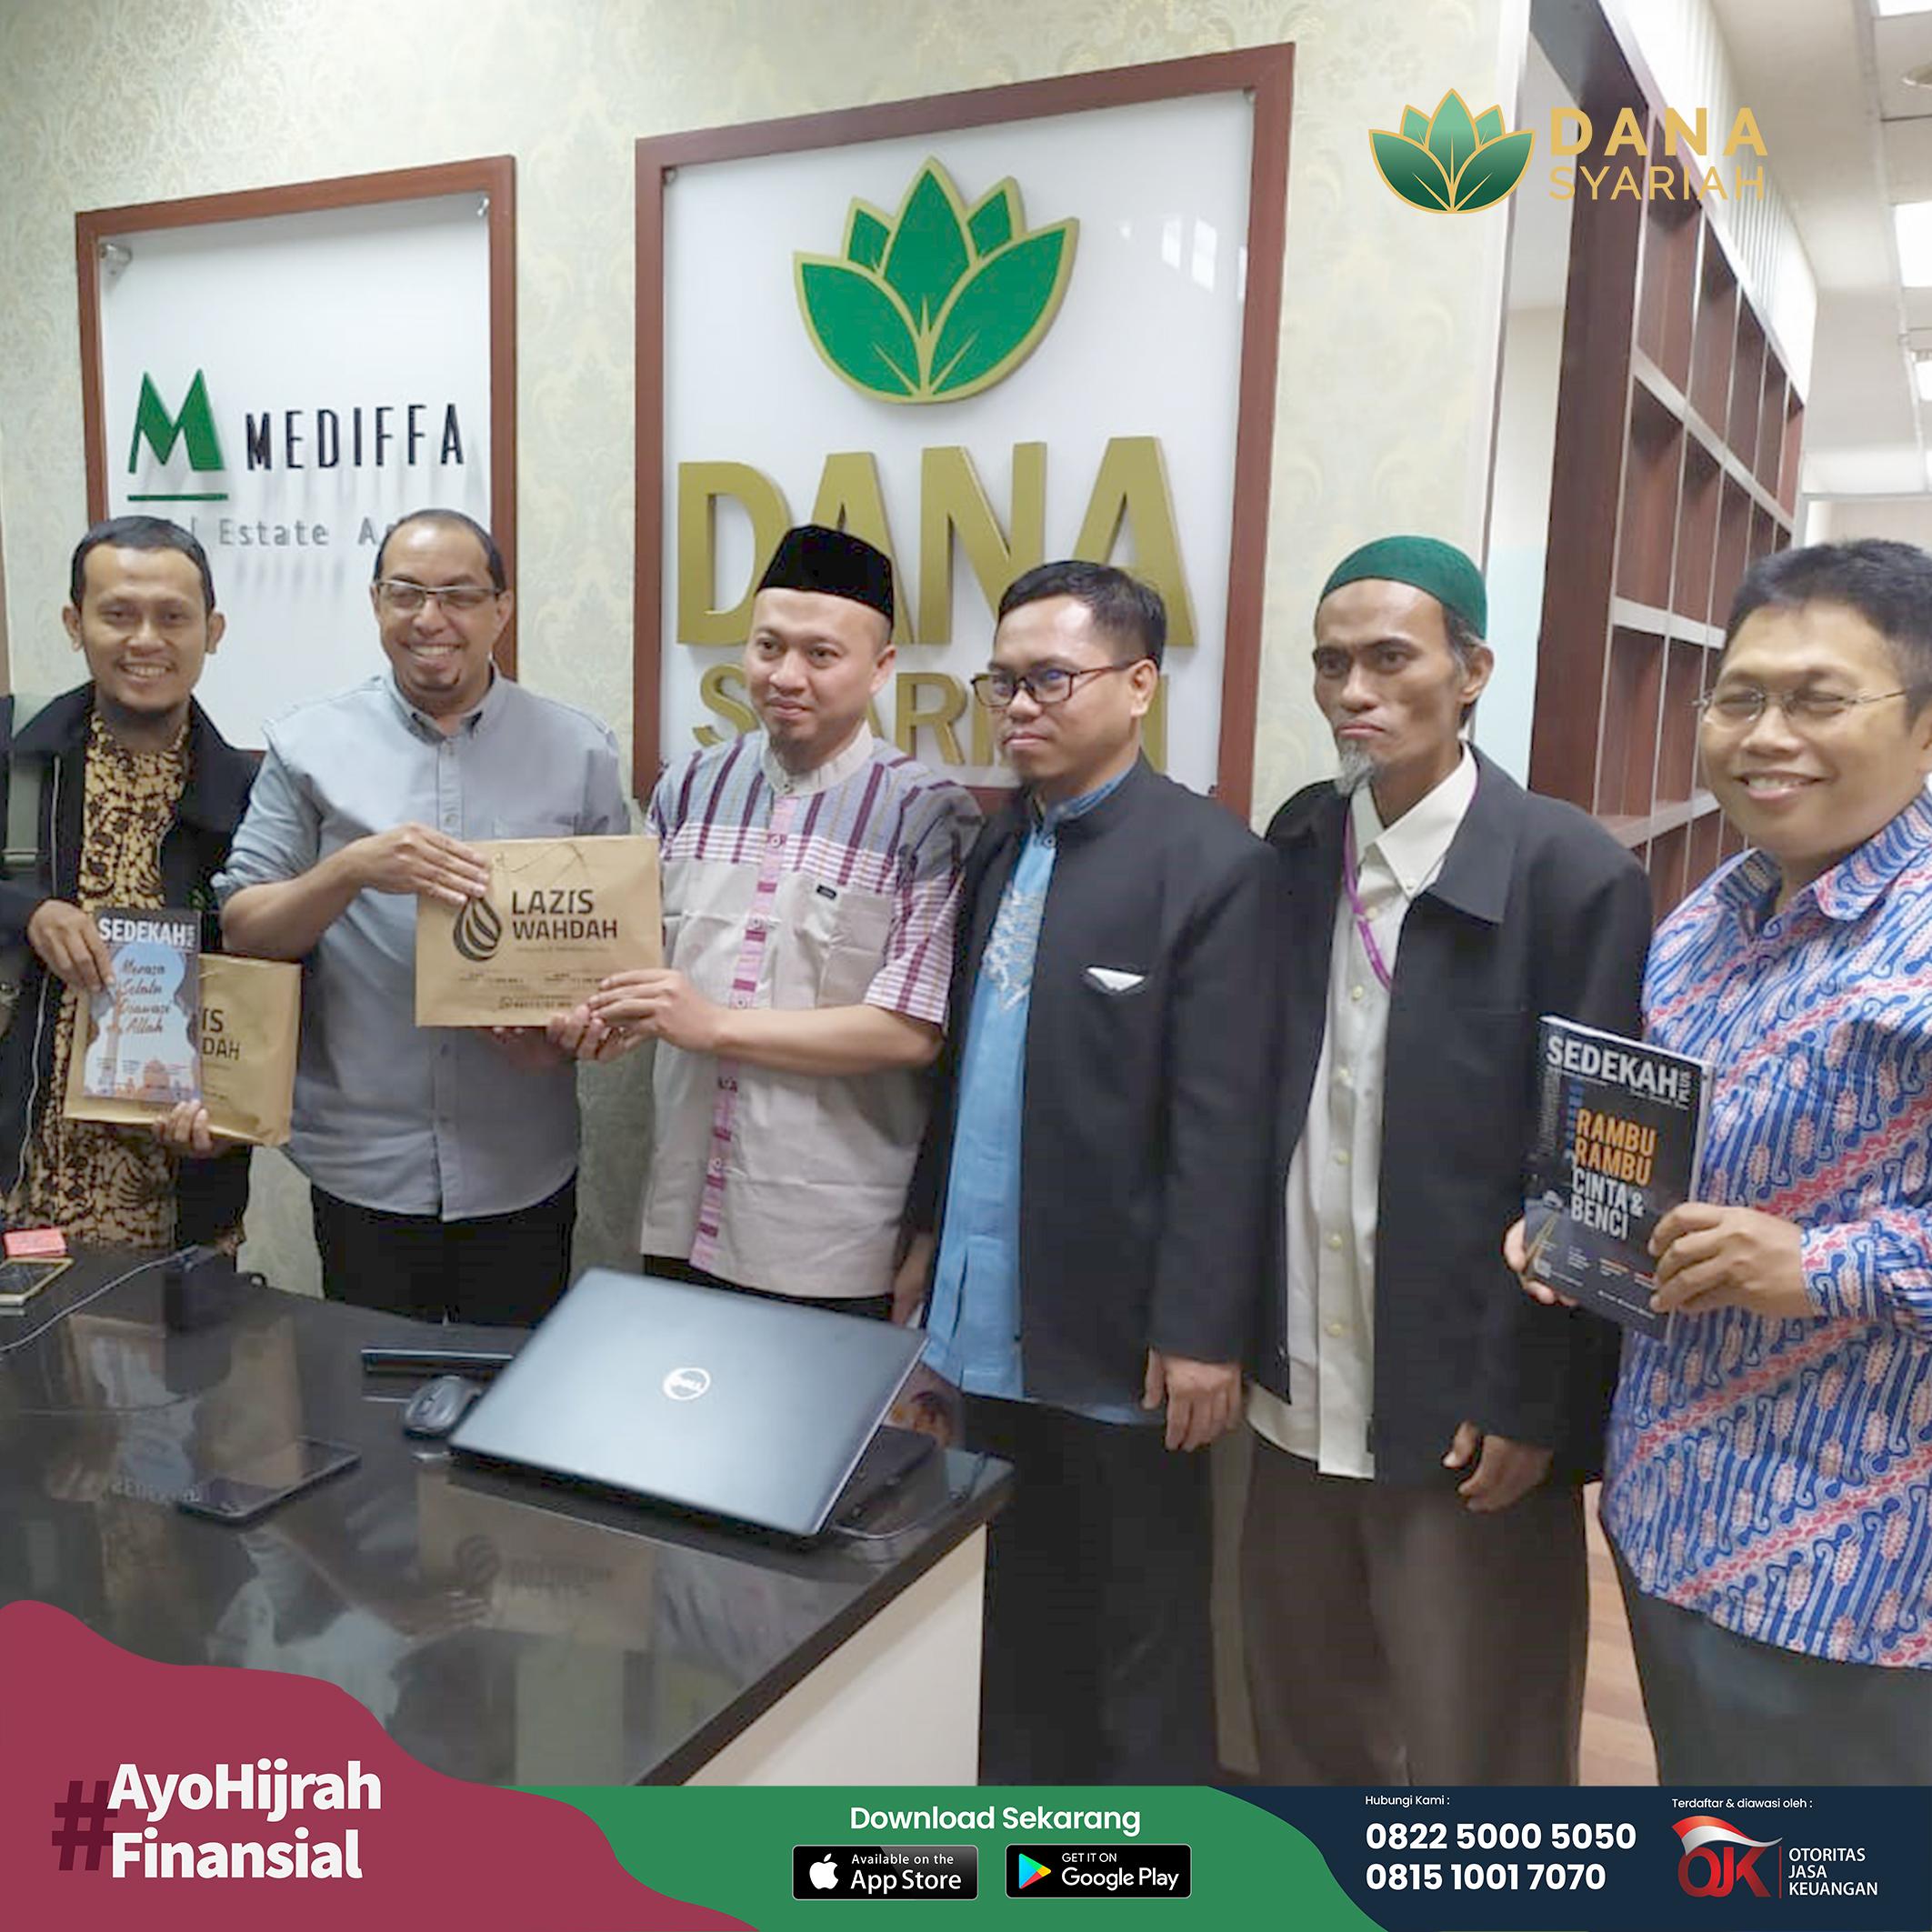 Dana Syariah Silaturahmi dan Audiensi Bersama Wahdah Islamiyah Dalam Upaya Pemberdayaan Ekonomi Umat